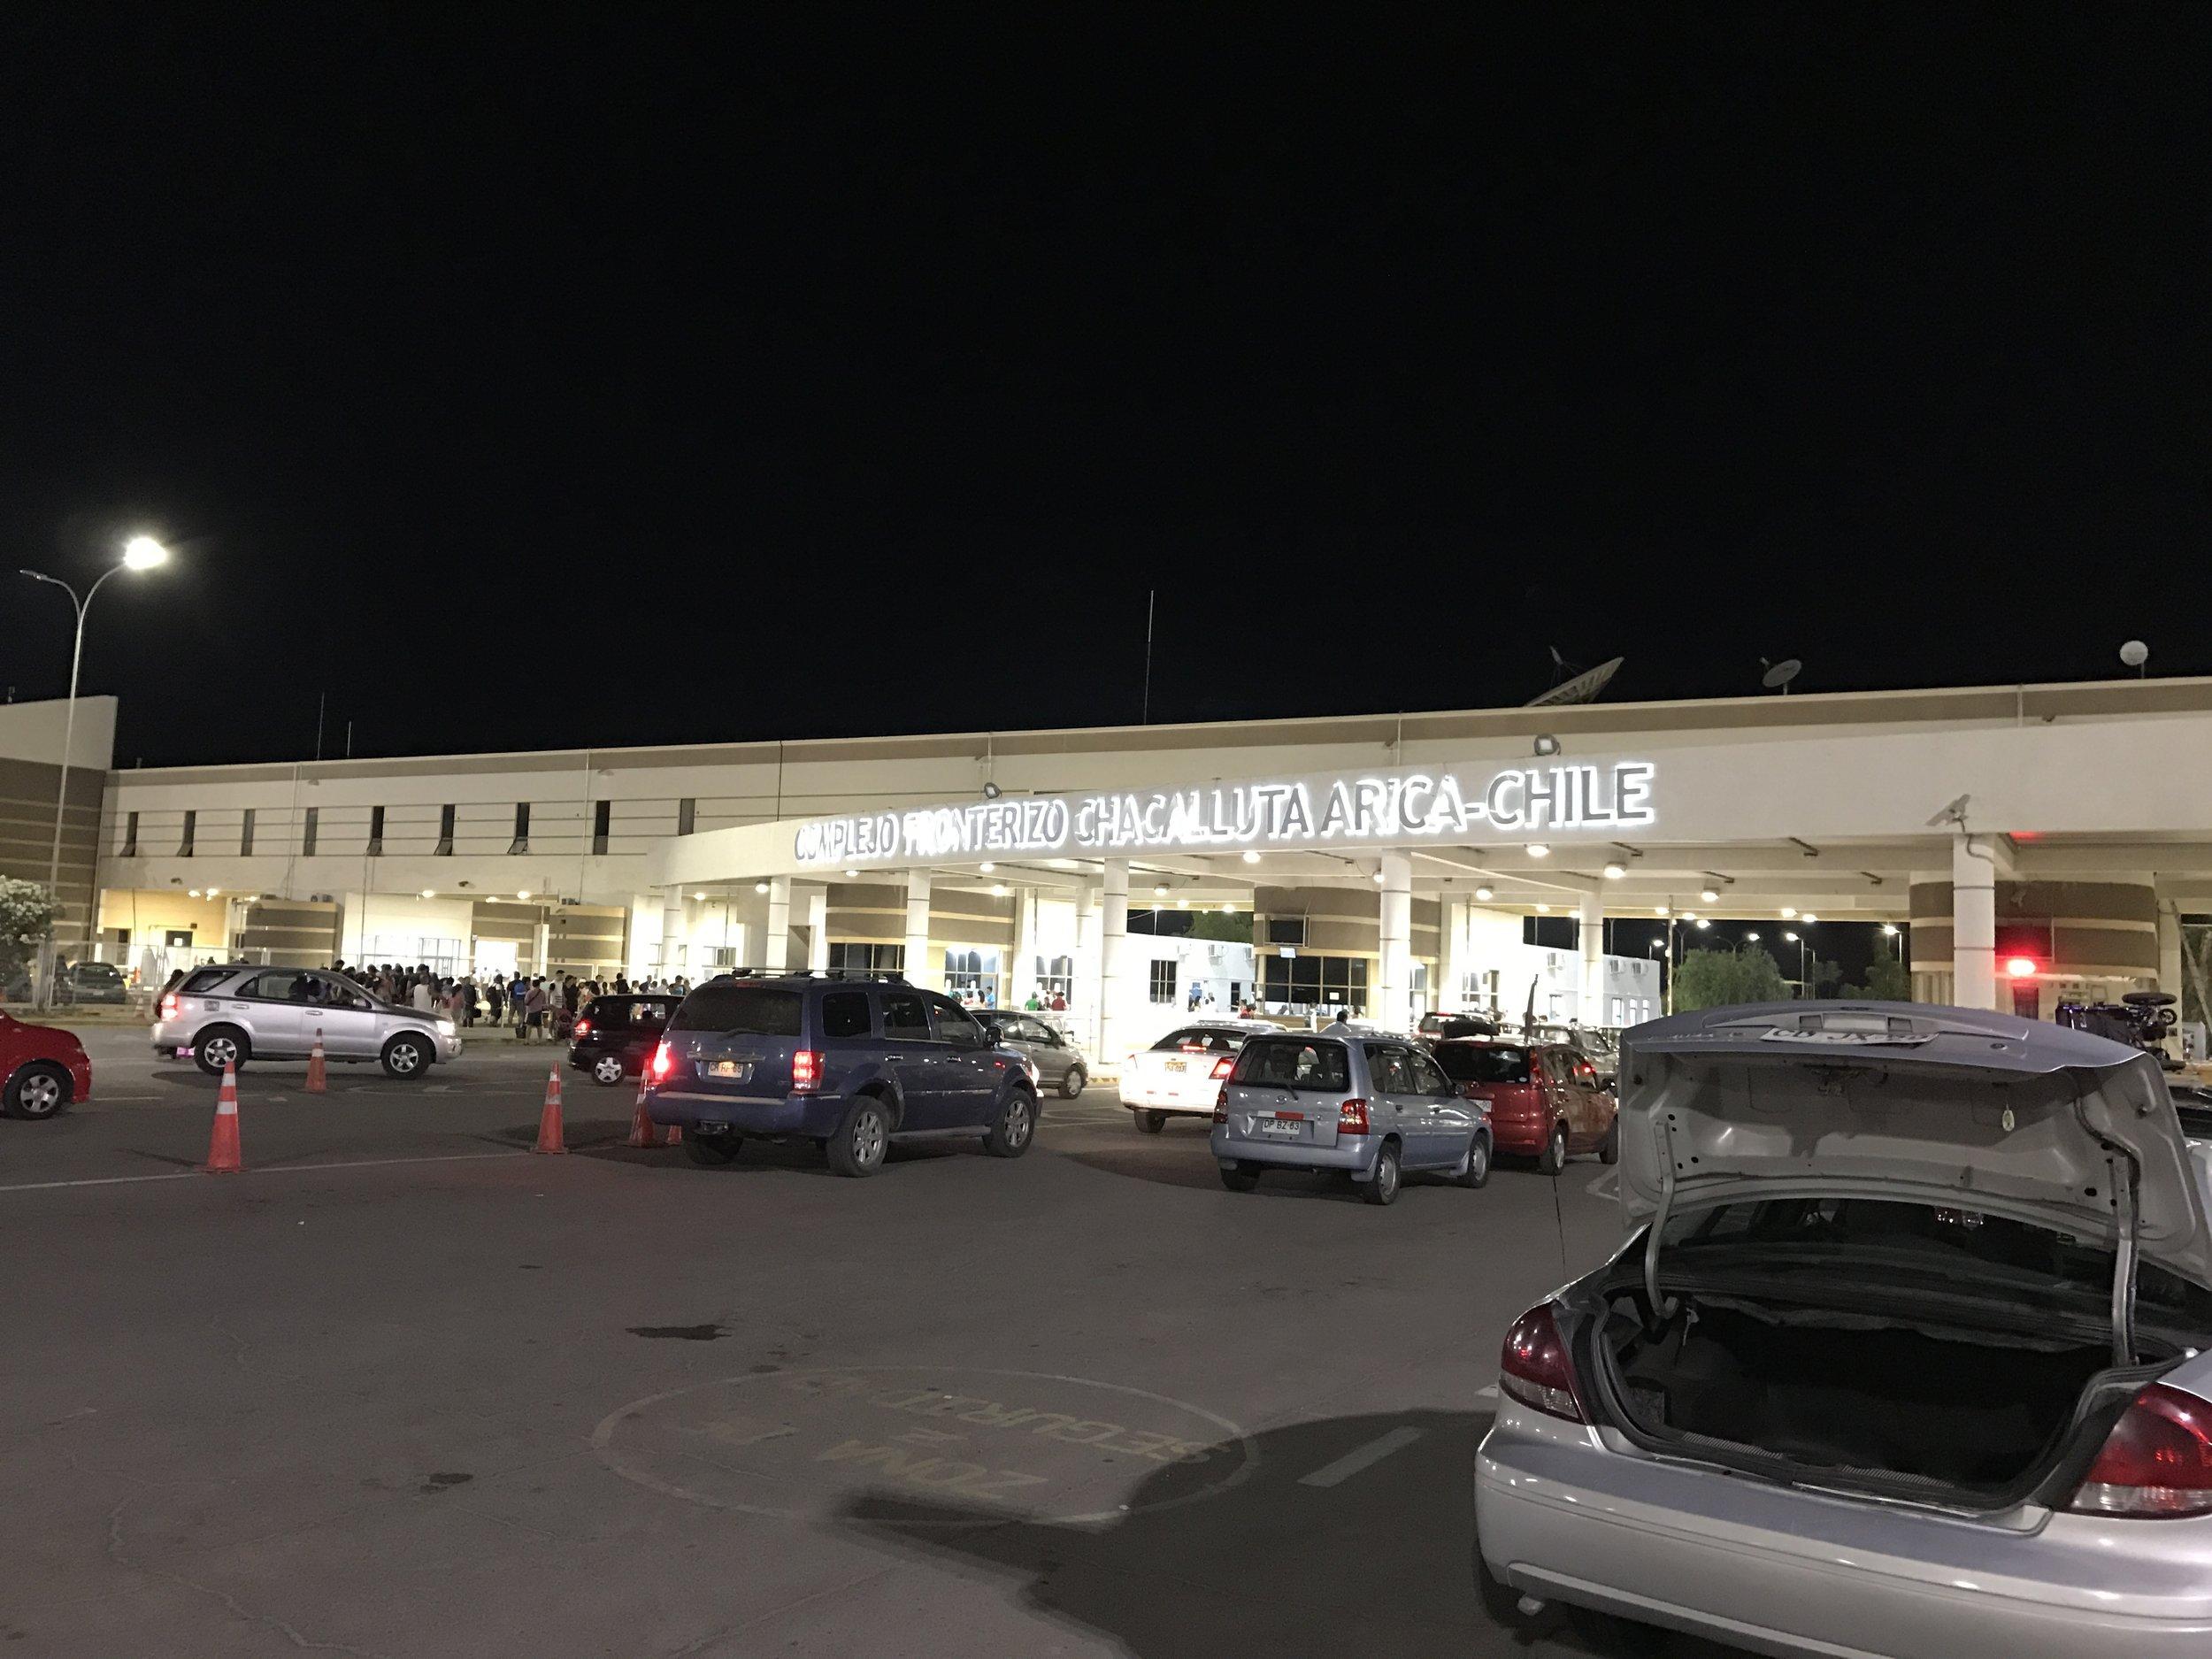 Border crossing Arica, Chile.